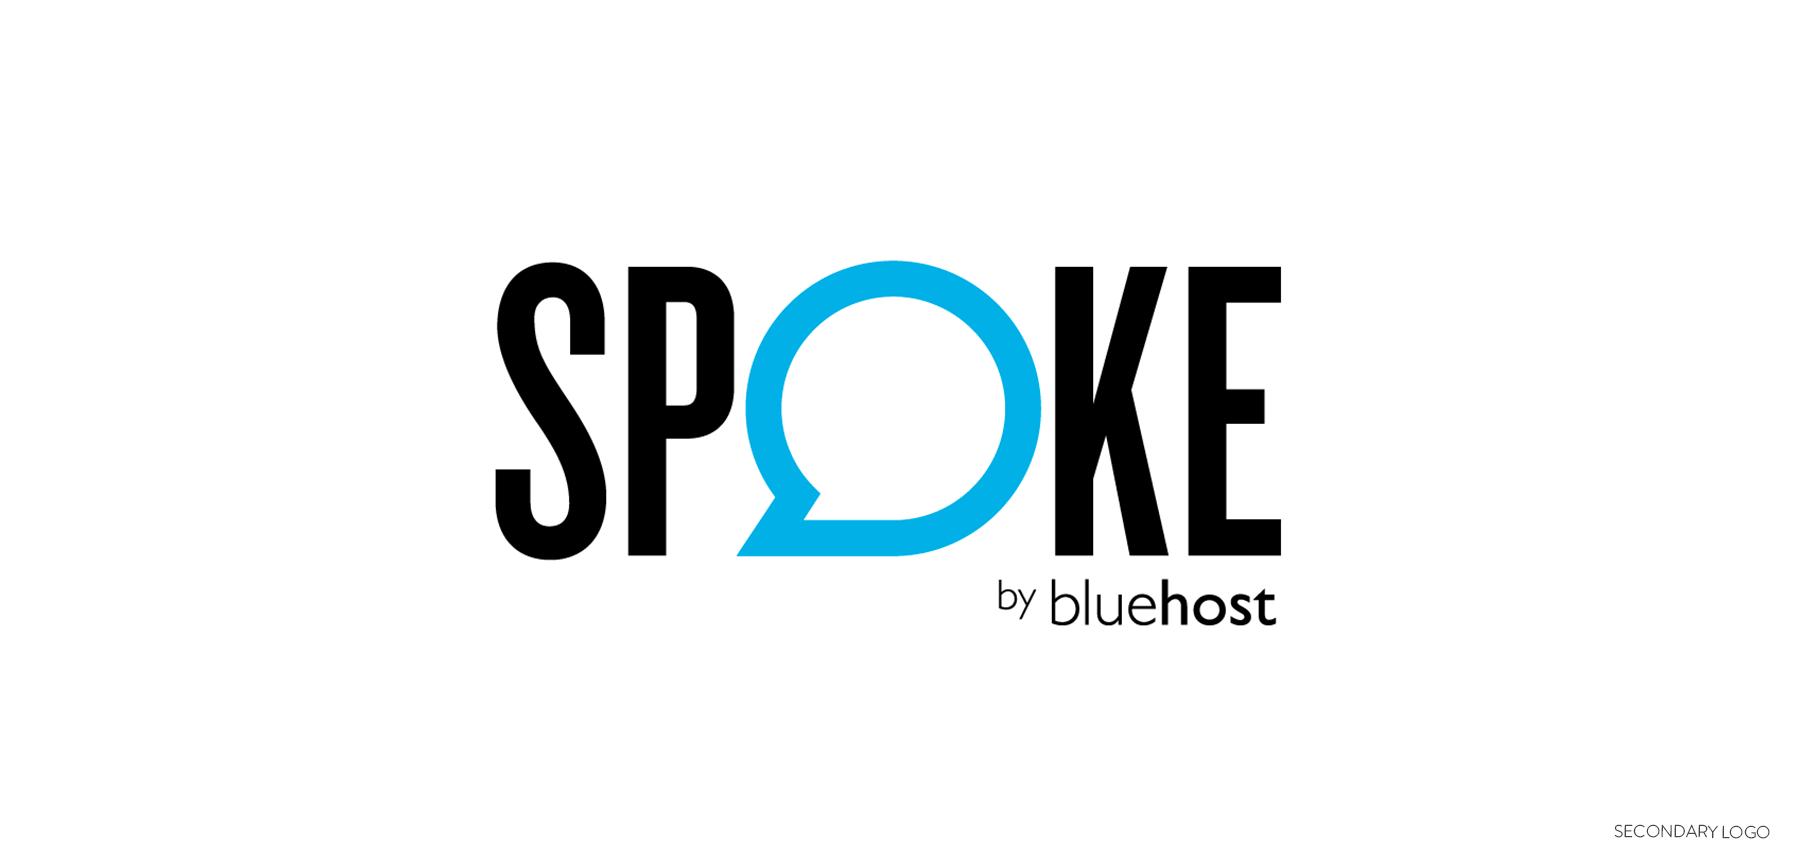 spoke-logo-02.png